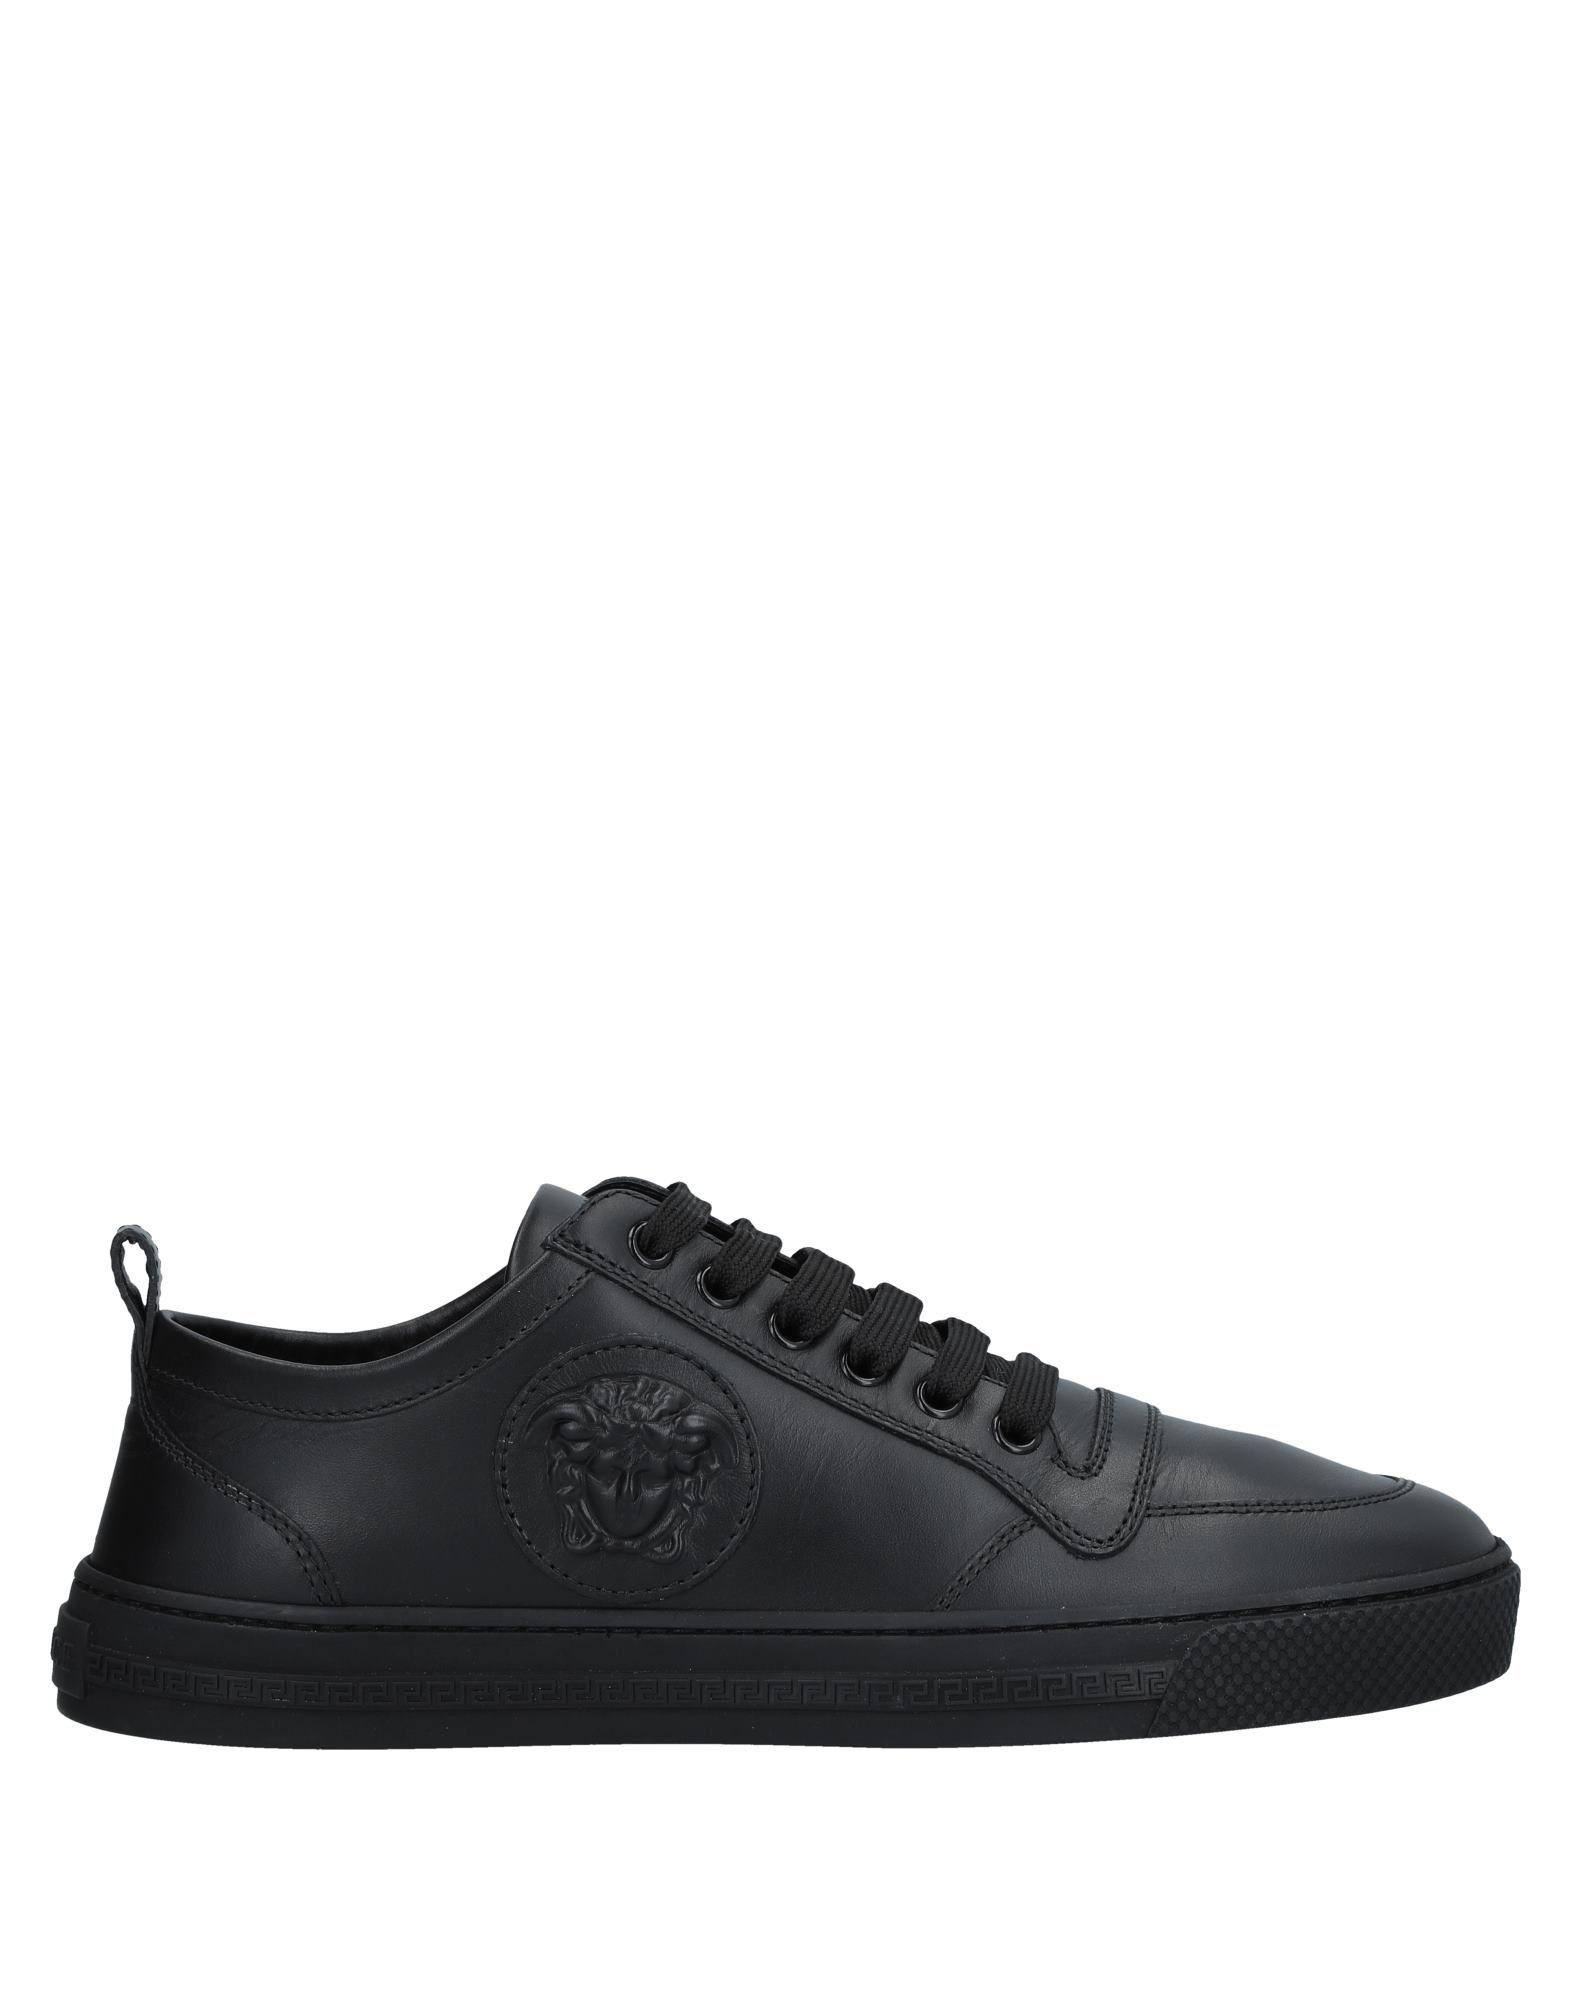 11401814OX Versace Sneakers Herren  11401814OX  ad69c4